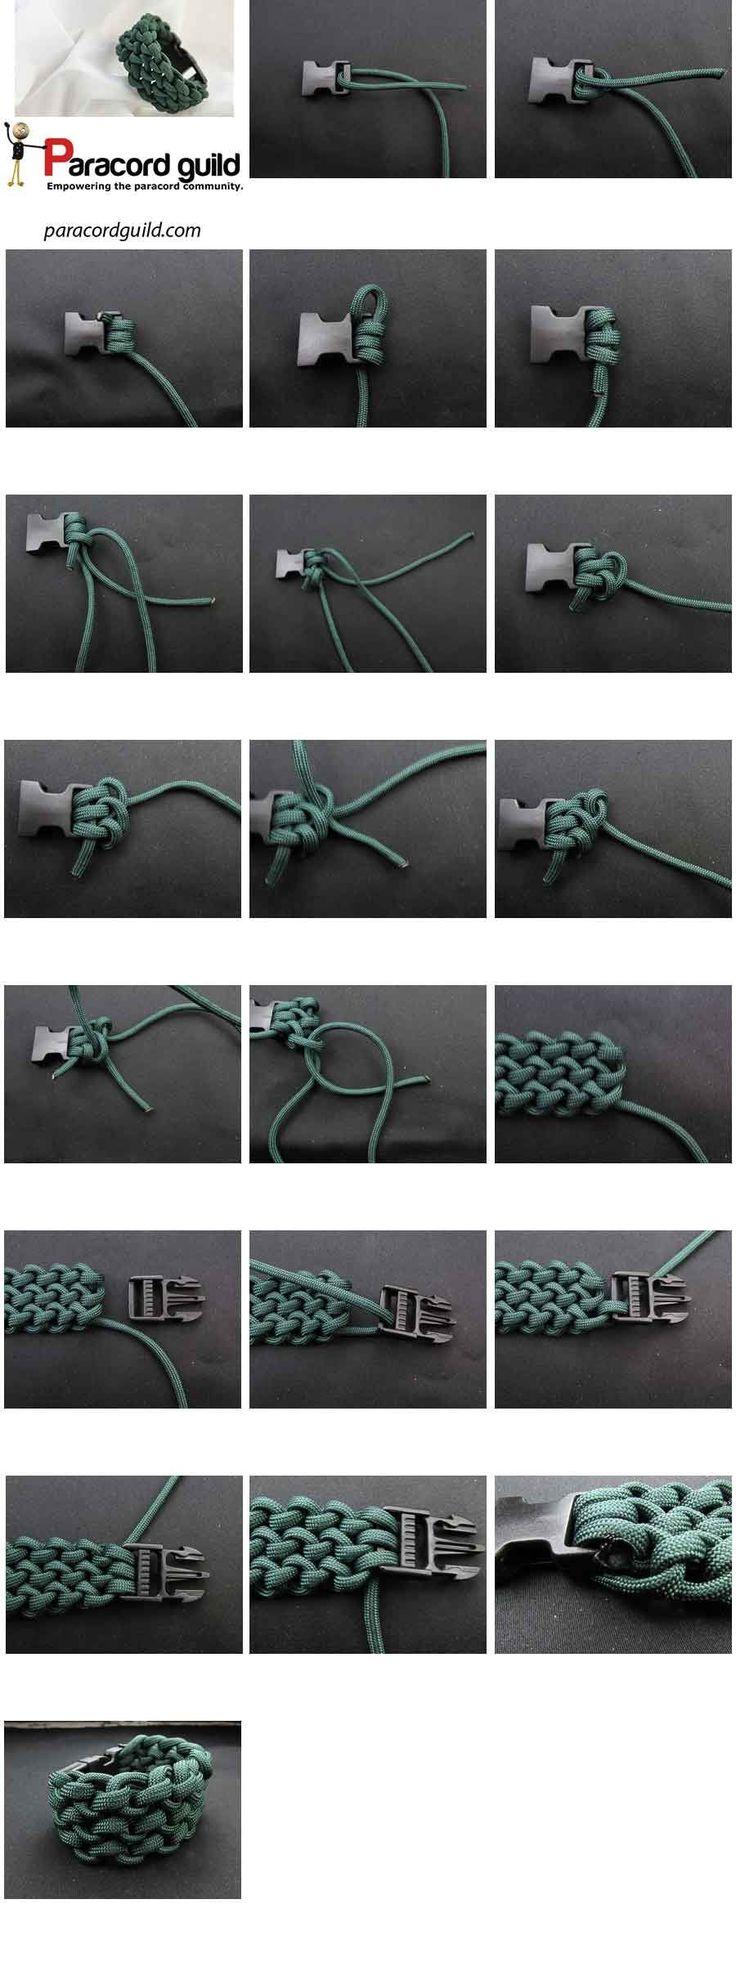 conquistador paracord bracelet paracord guild accessories pinterest paracord armb nd. Black Bedroom Furniture Sets. Home Design Ideas